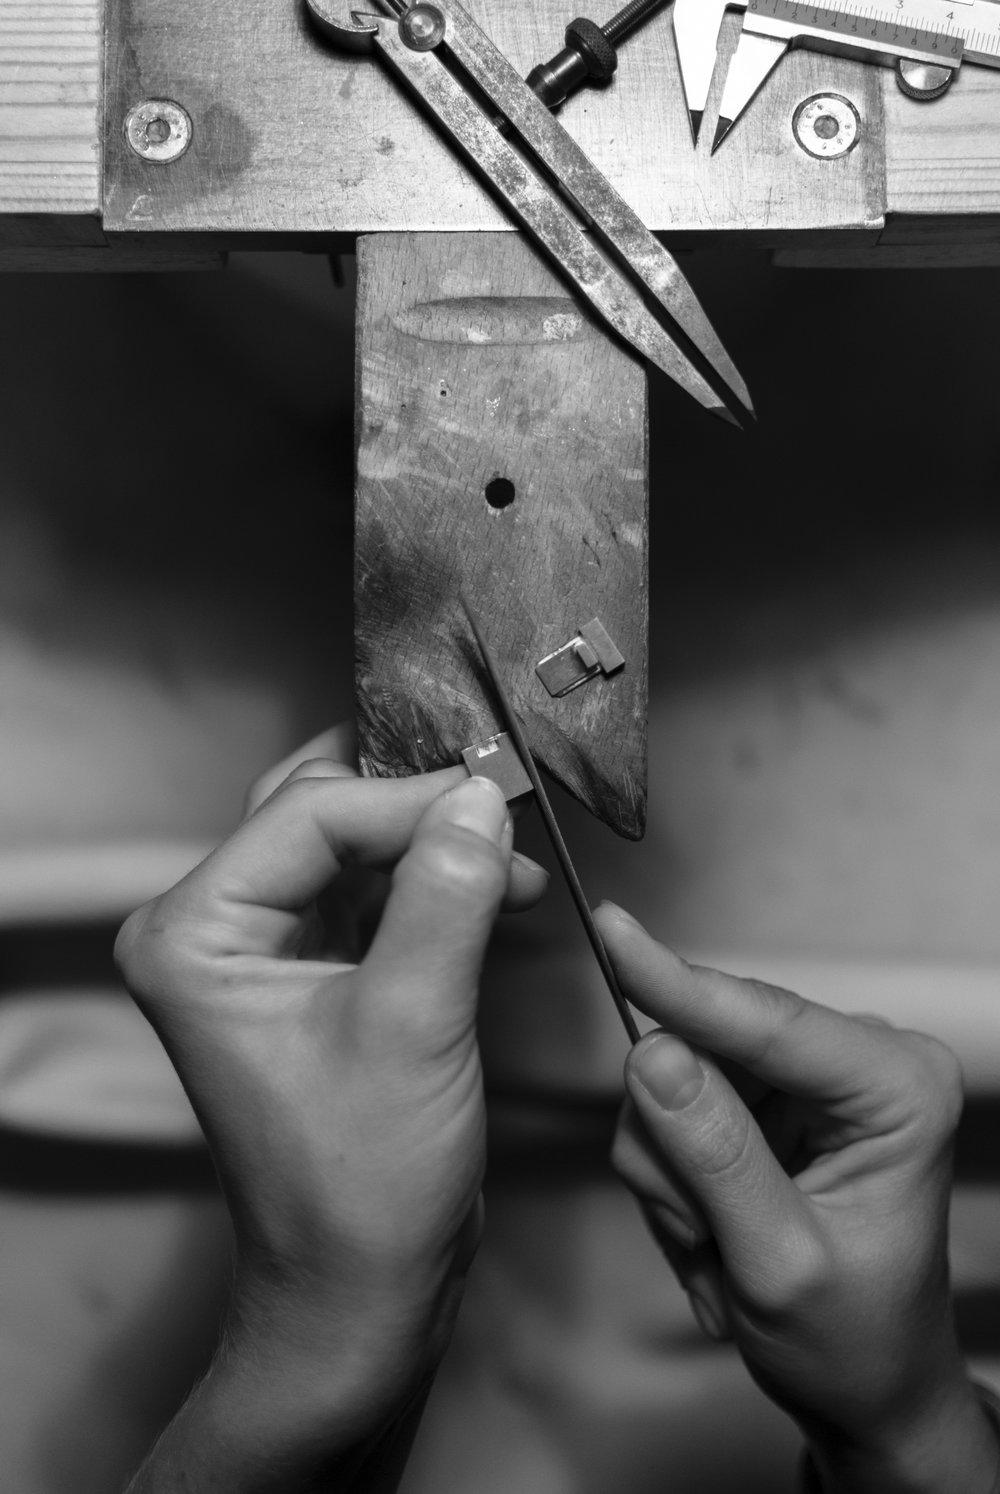 Birdseye hands tools.jpg